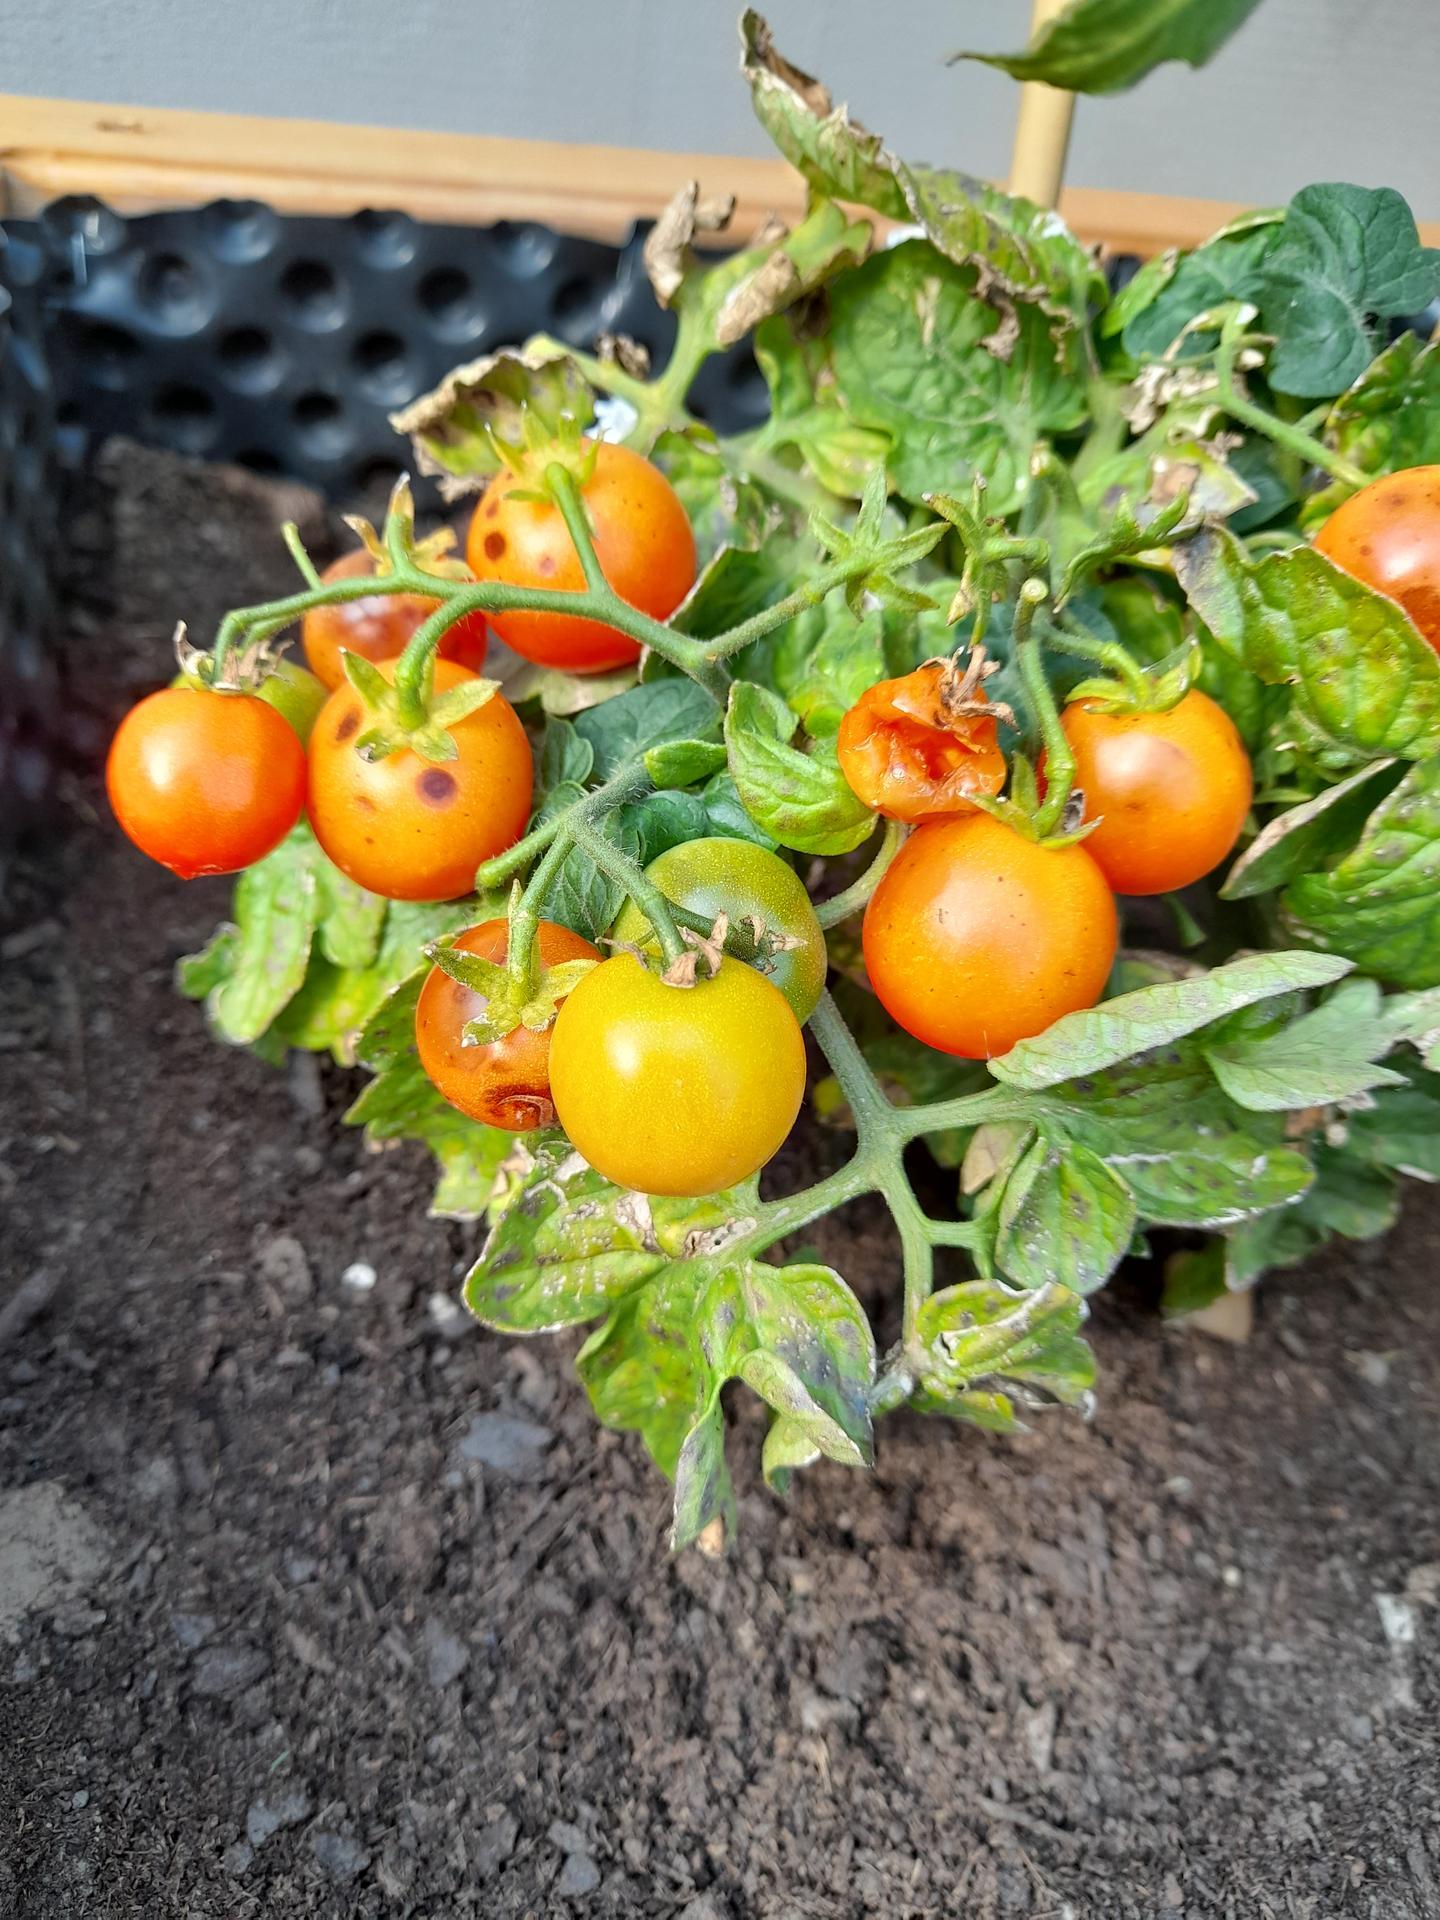 Poradite prosim? Je to plesen alebo co je tym paradajkam? Dakujem - Obrázok č. 1